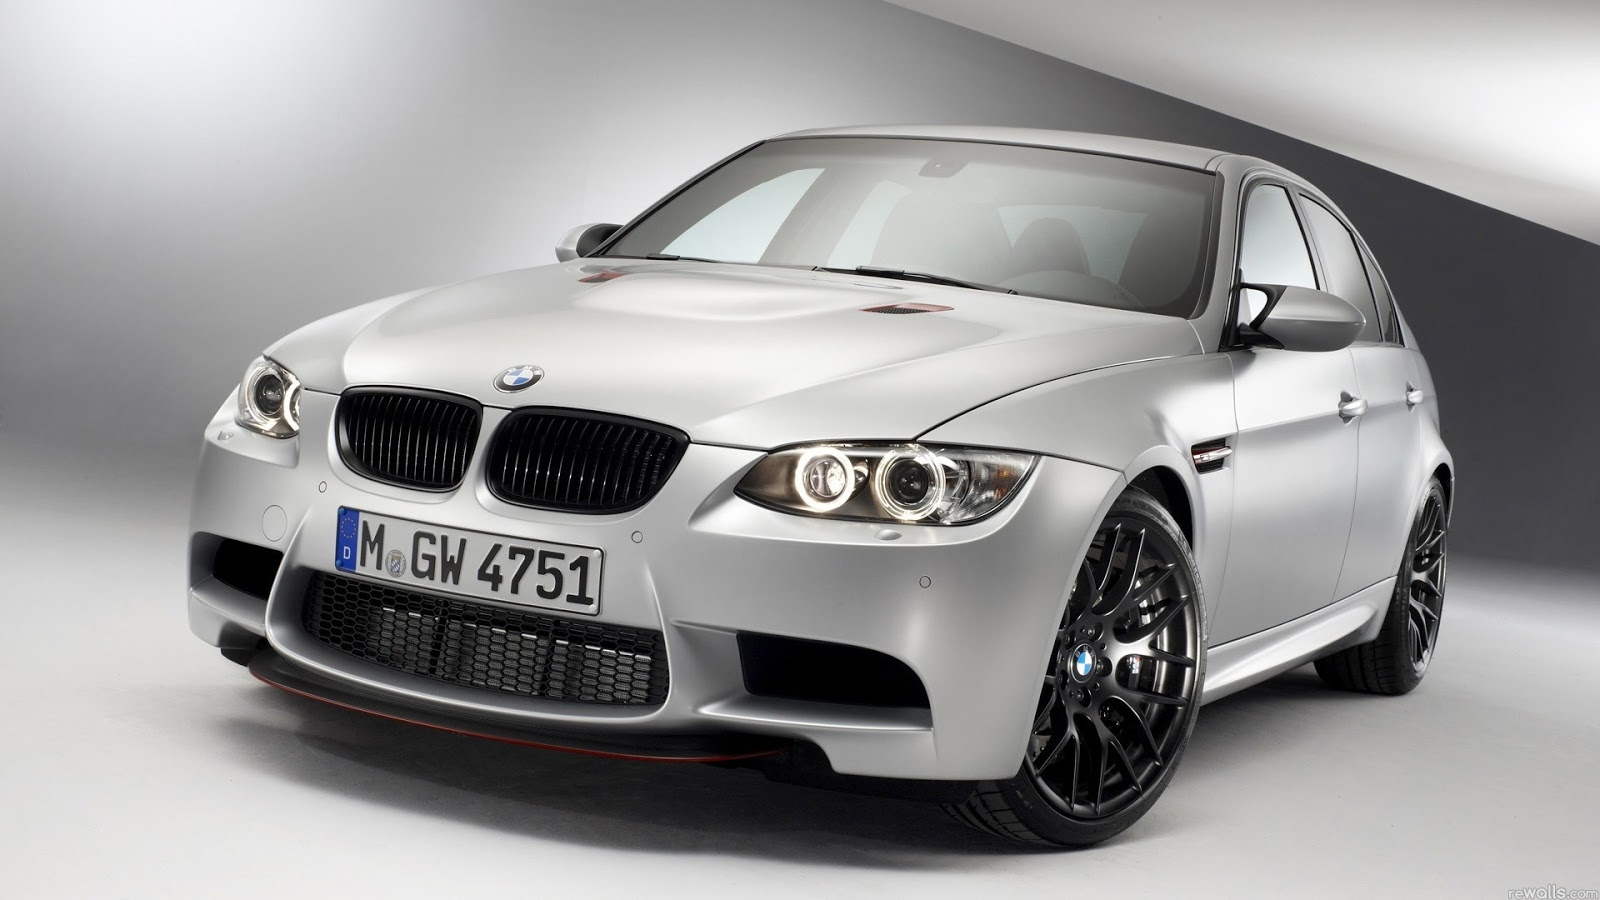 Silver BMW M3 1080p Hd Wallpaper For Desktop